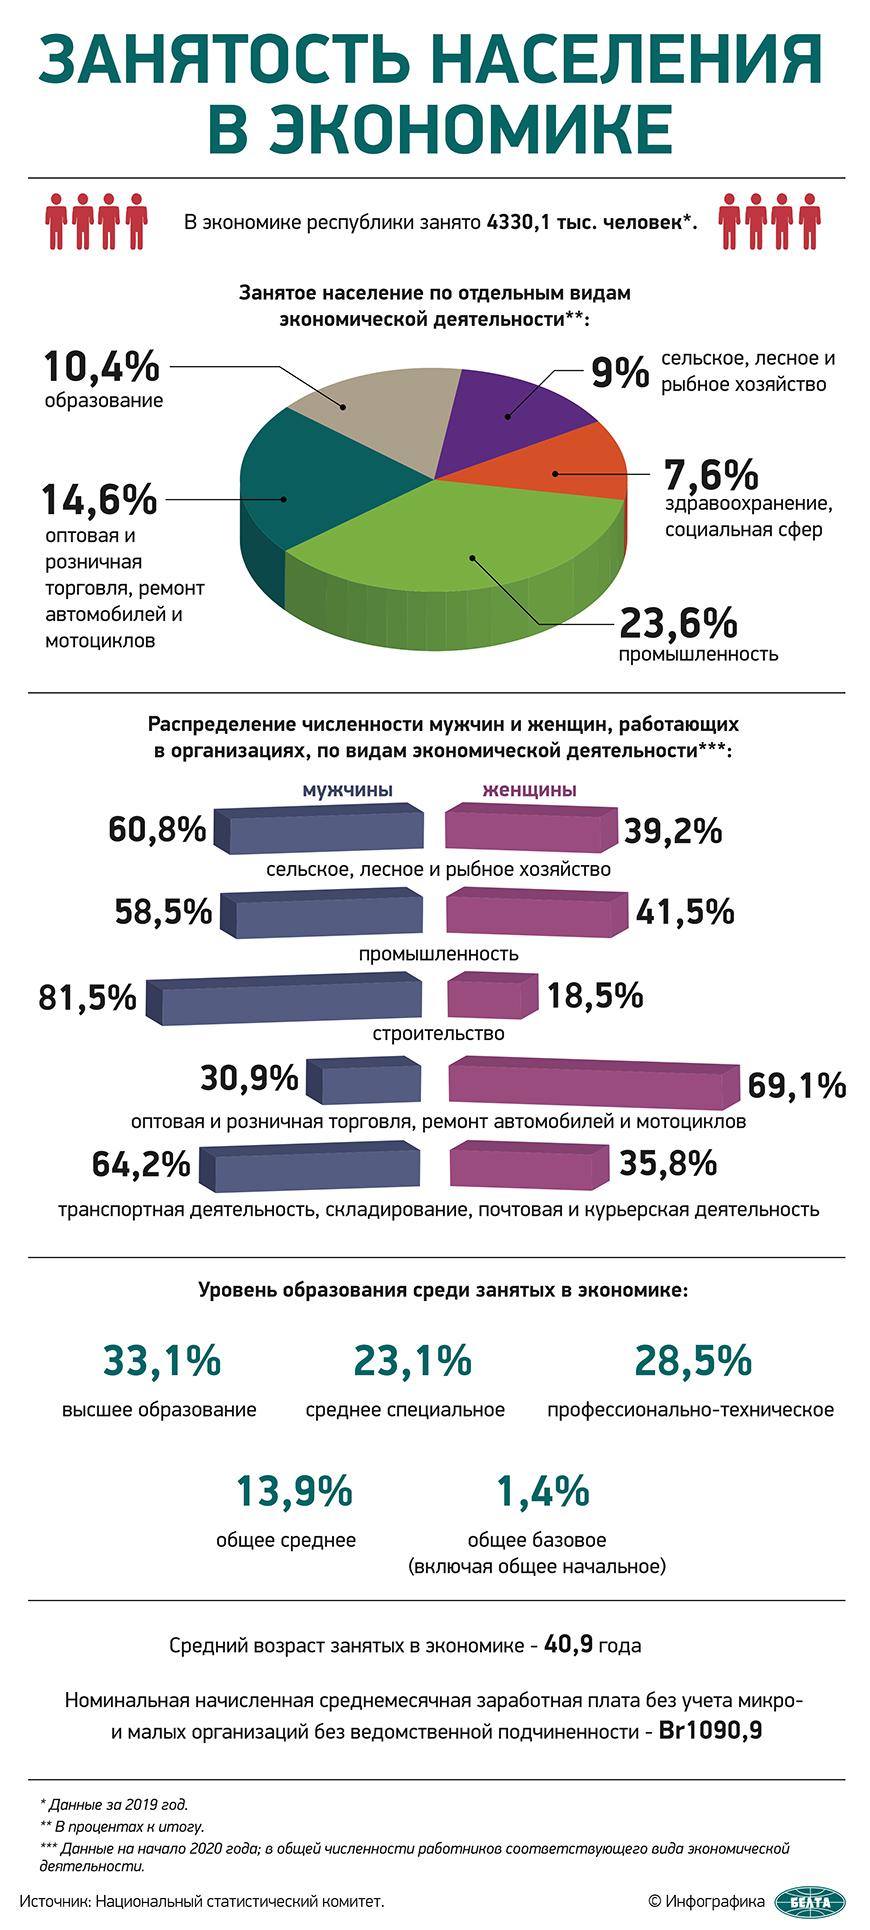 Занятость населения в экономике